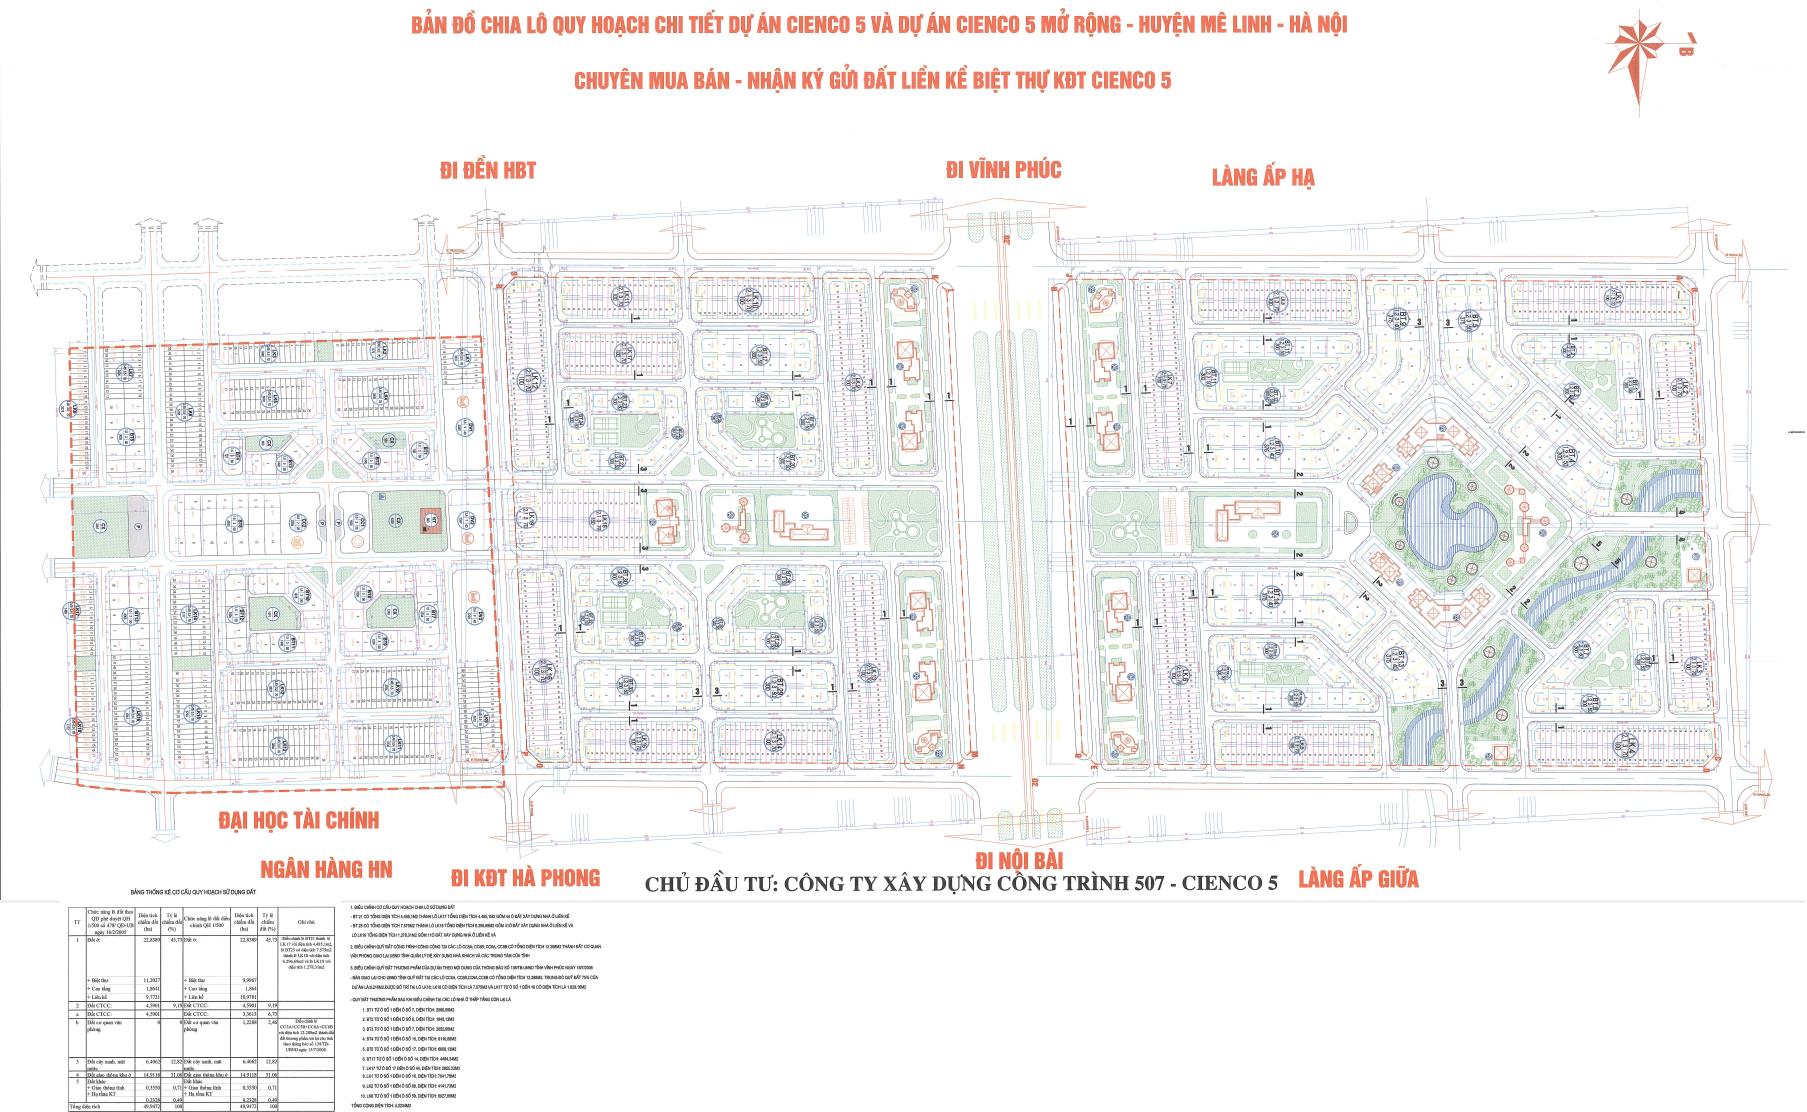 Mặt bằng chia lô dự án Khu đô thị Cienco 5 Mê Linh